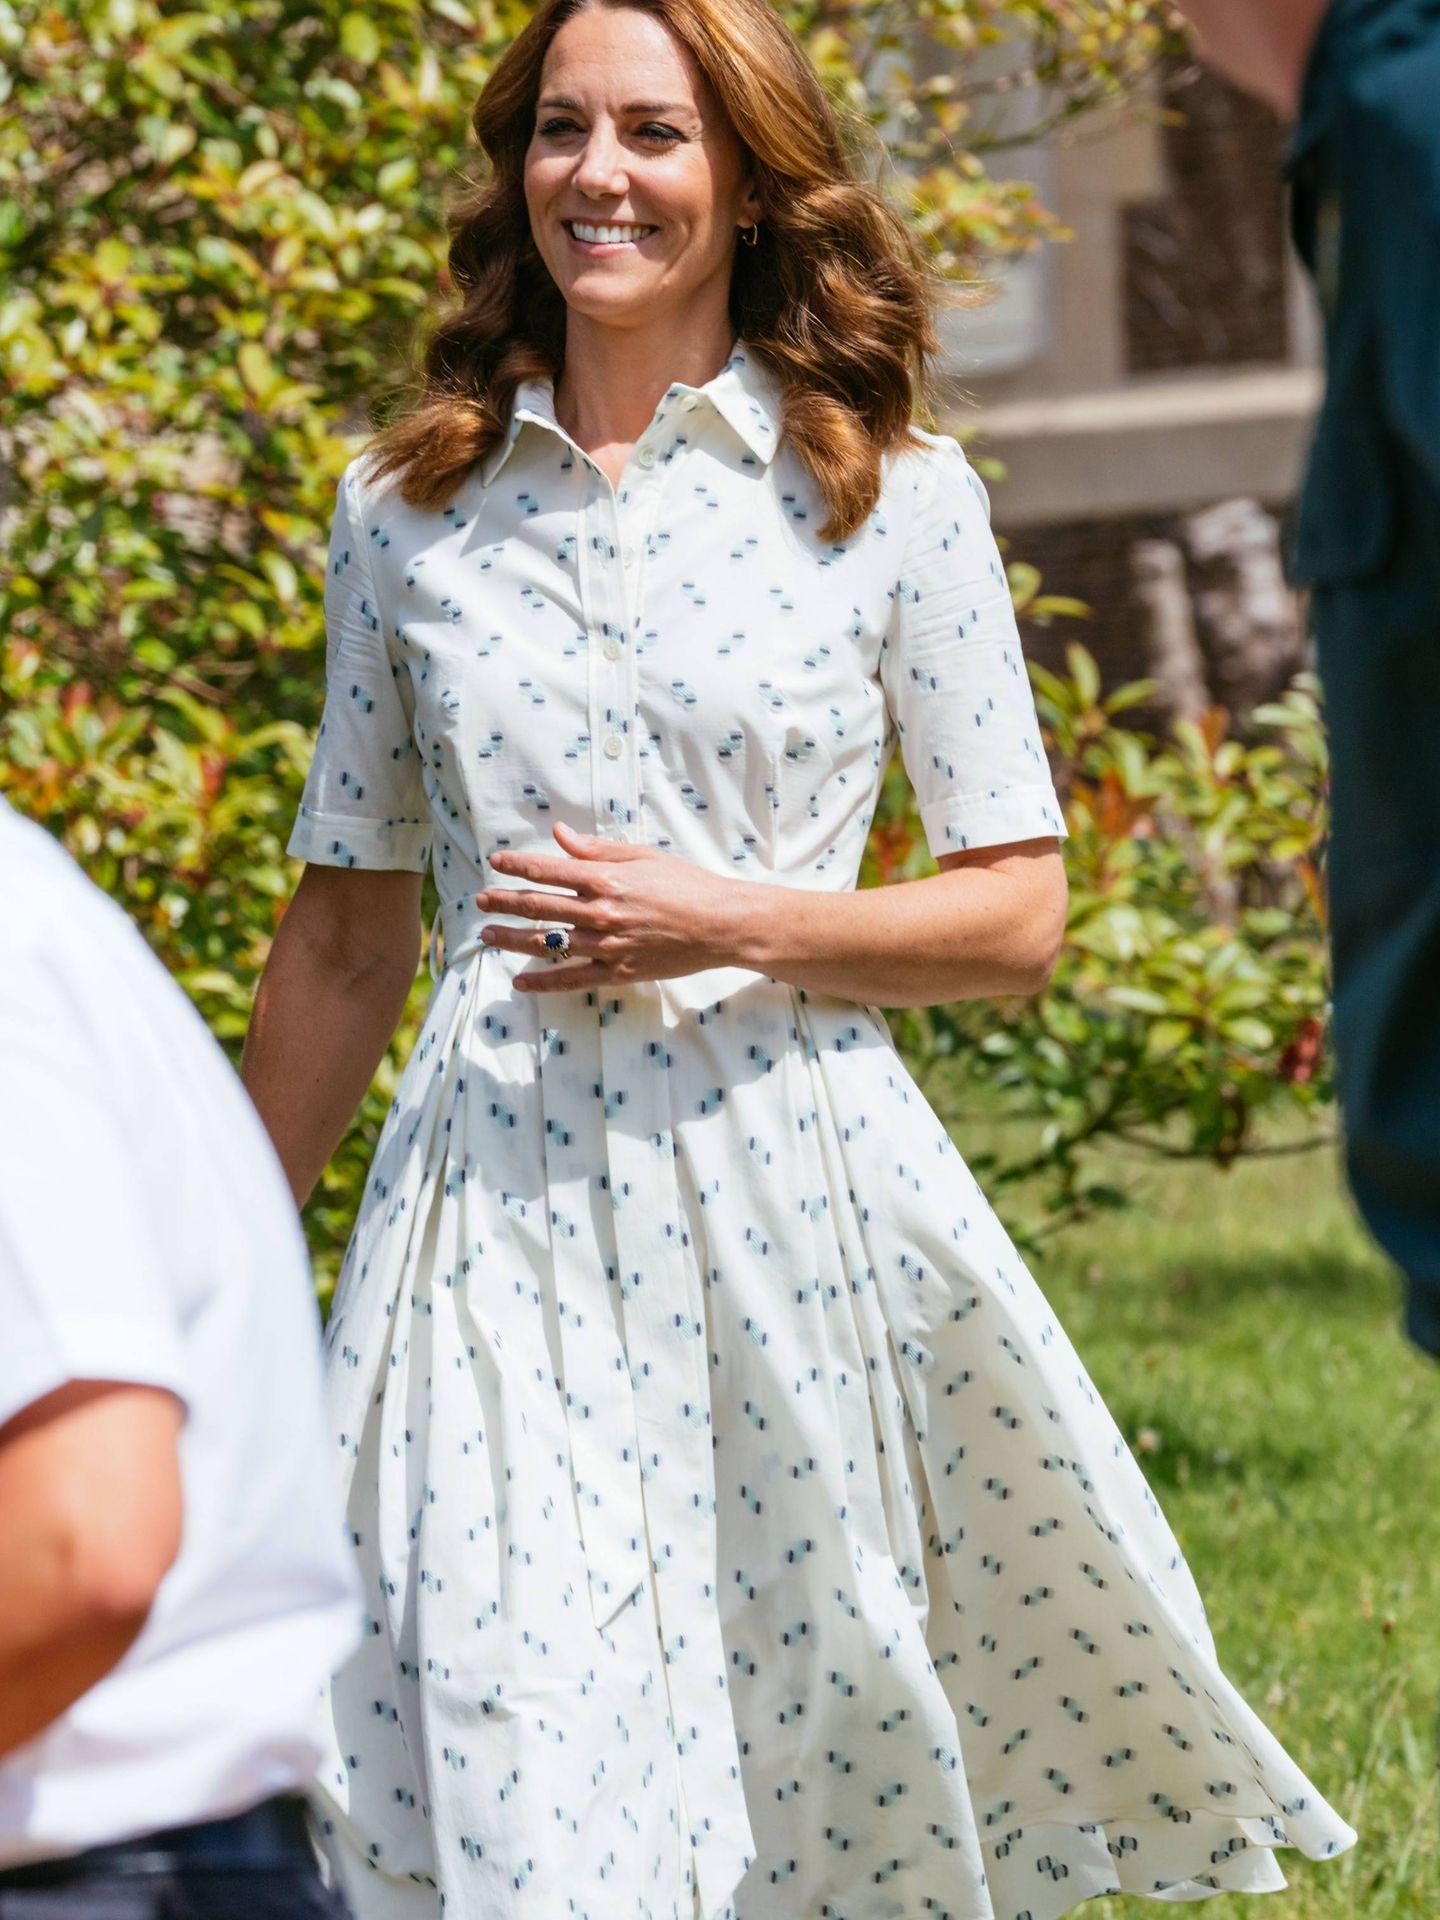 El nuevo vestido de Kate Middleton. (Cordon Press)